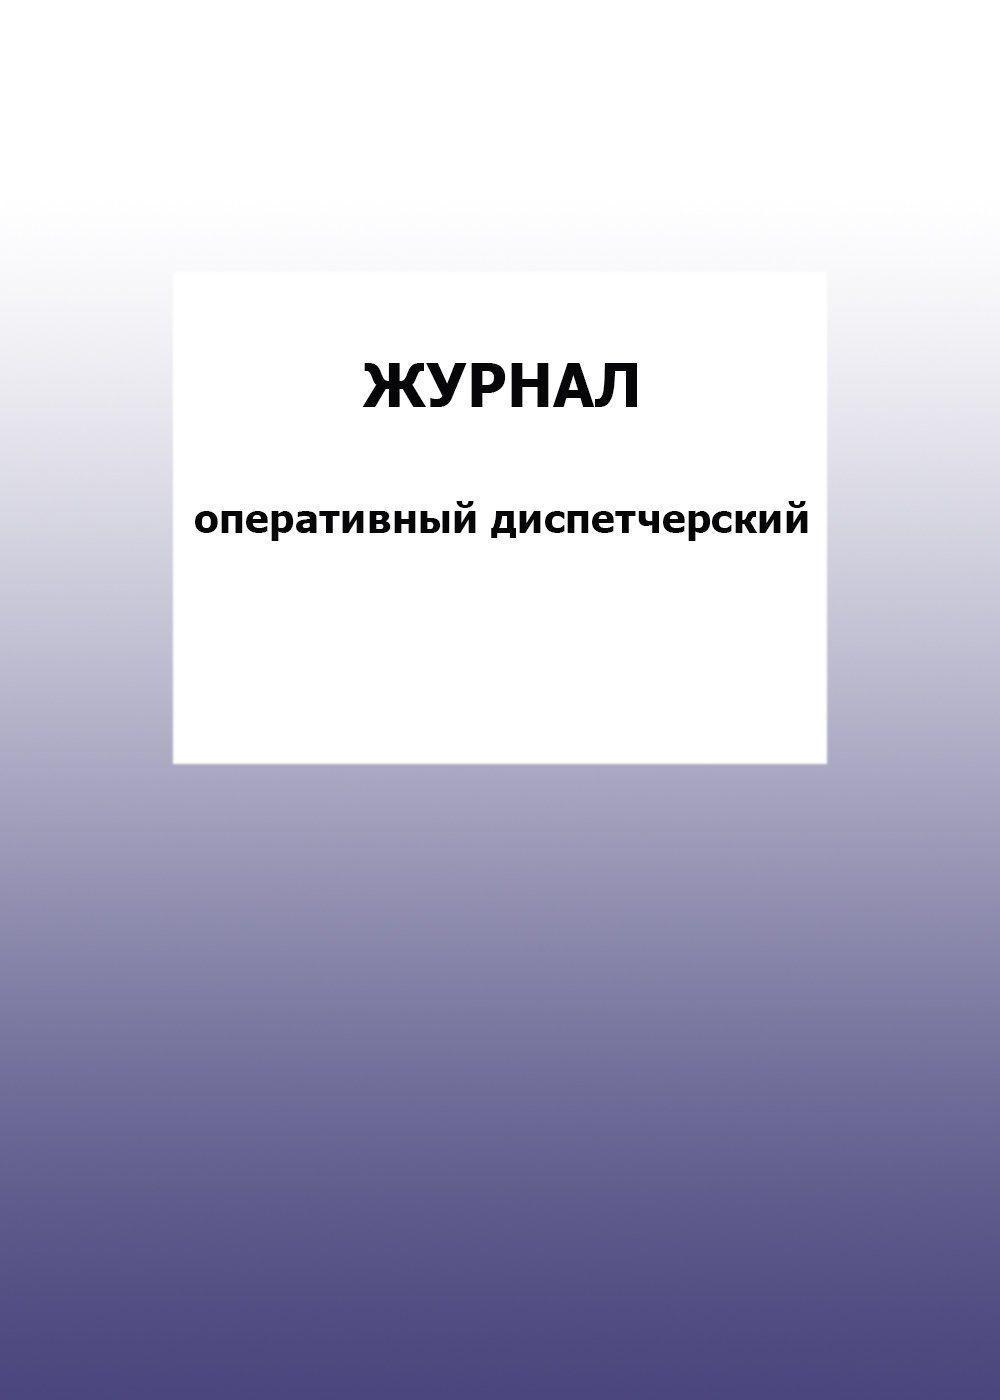 Журнал оперативный диспетчерский: упаковка 100 шт.